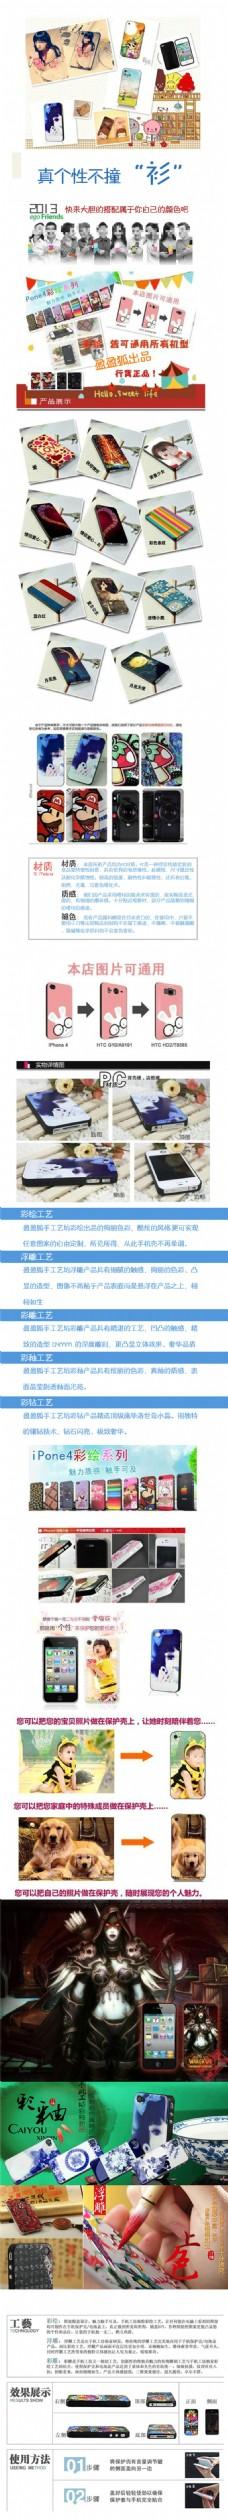 高端手机套淘宝电商数码电器详情页模板制作